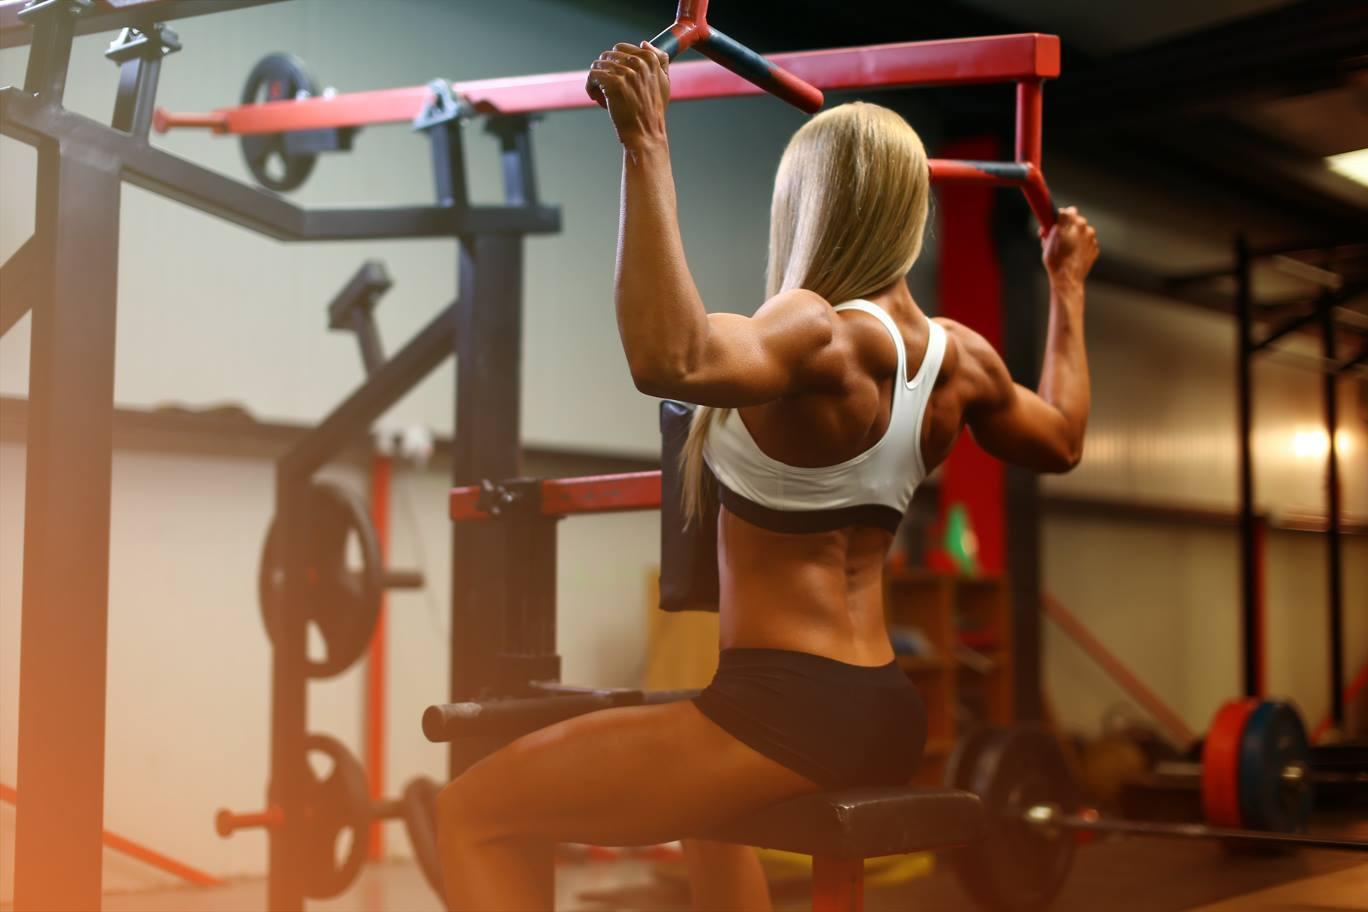 программы тренировок для похудения видео